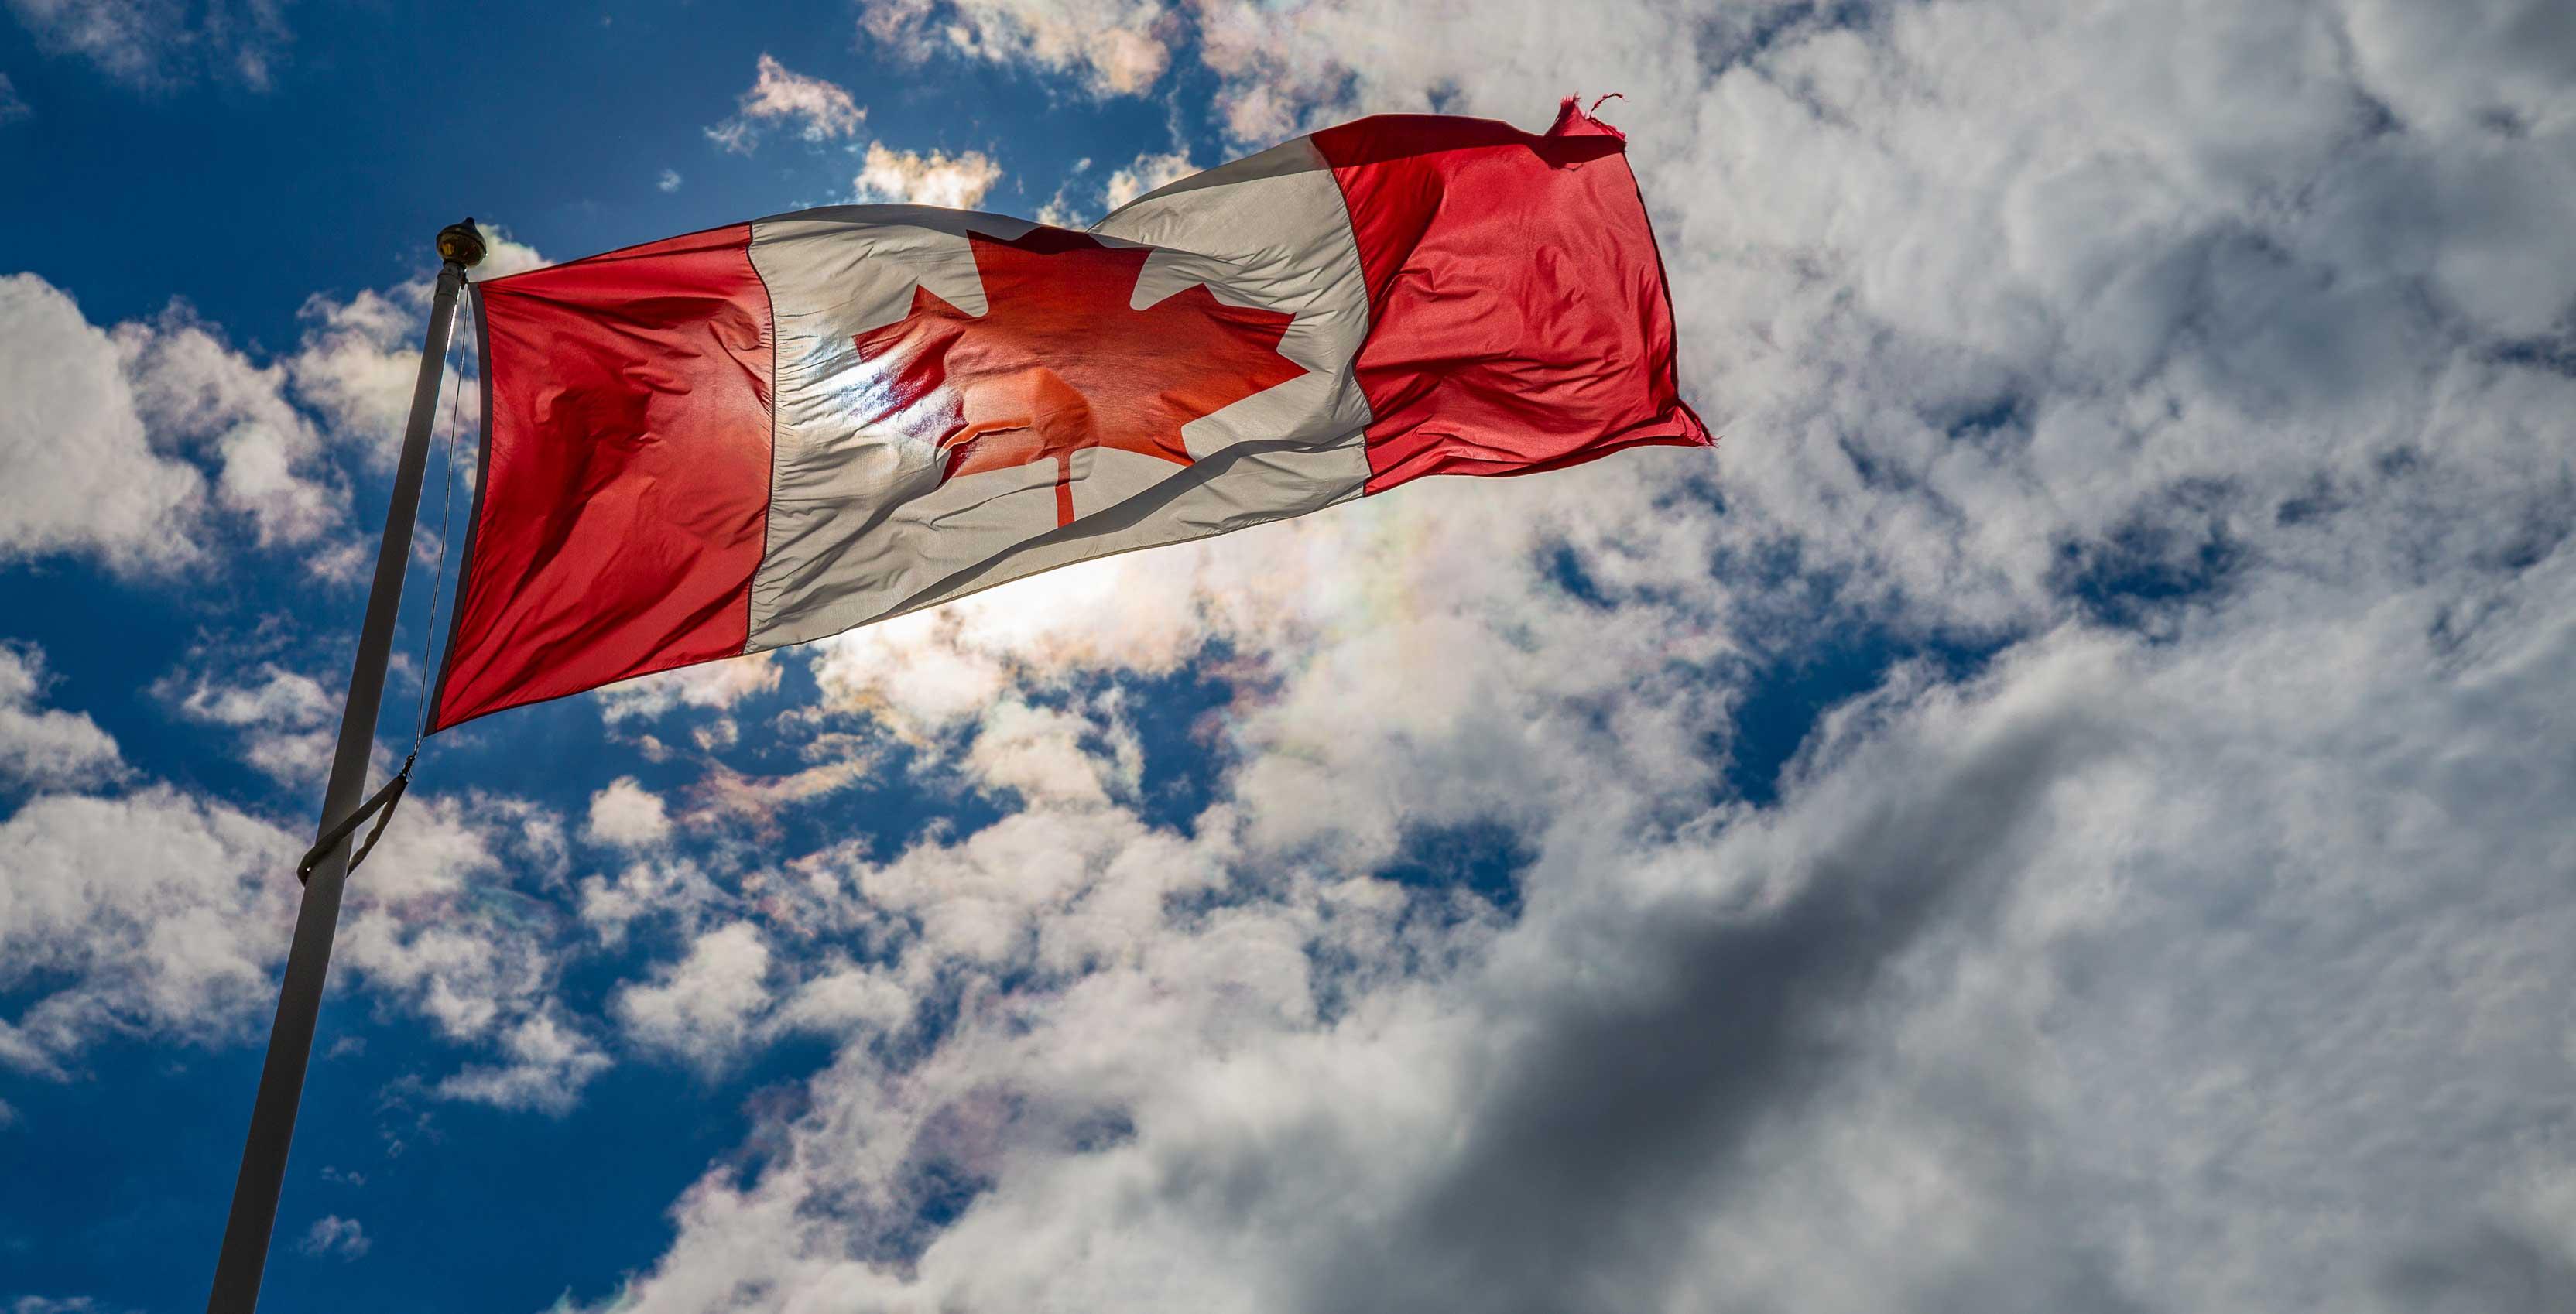 Une image du drapeau canadien flottant au vent sur un fond de nuages